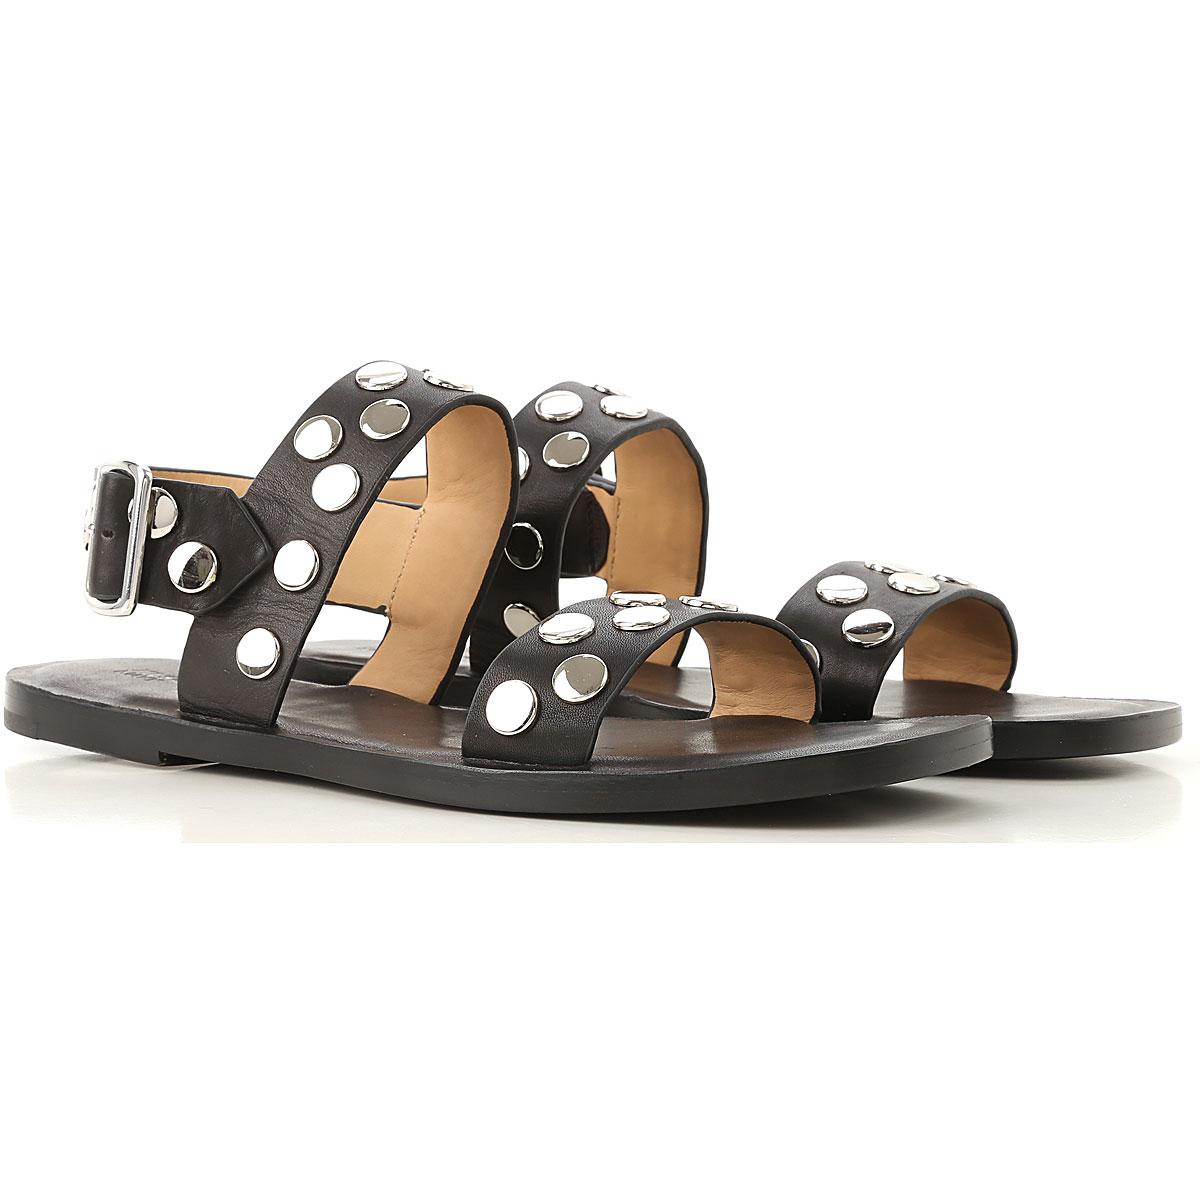 Jil Sander Sandals for Women On Sale in Outlet, Black, Leather, 2019, 8 9